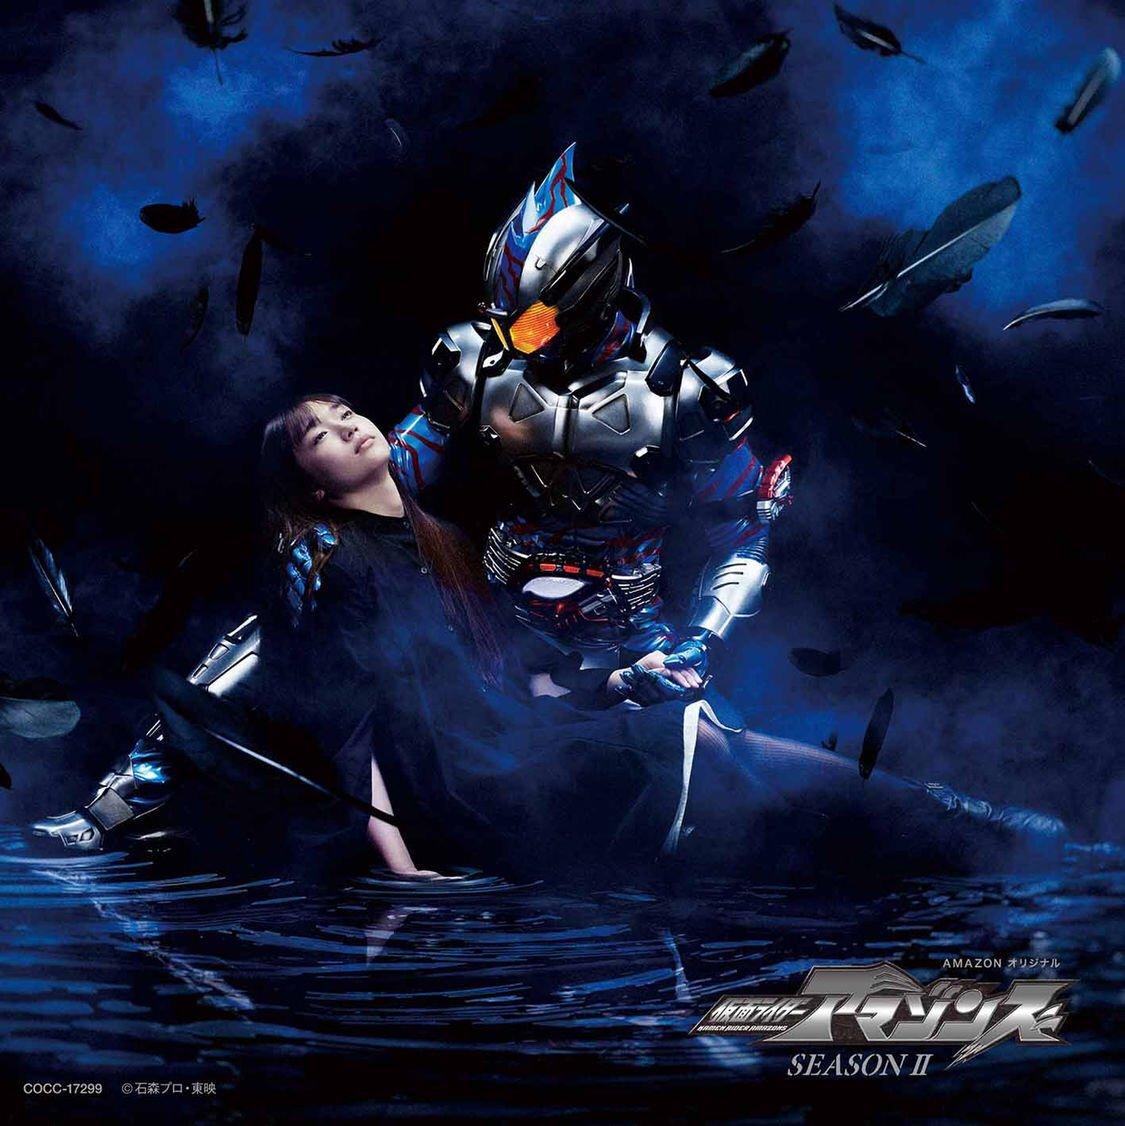 test ツイッターメディア - #nowplaying DIE SET DOWN - Taro Kobayashi - 仮面ライダーアマゾンズ SEASON II / 仮面ライダーアマゾンズ 主題歌「DIE SET DOWN / Armour Zone」 - EP https://t.co/saPdHfS0vr